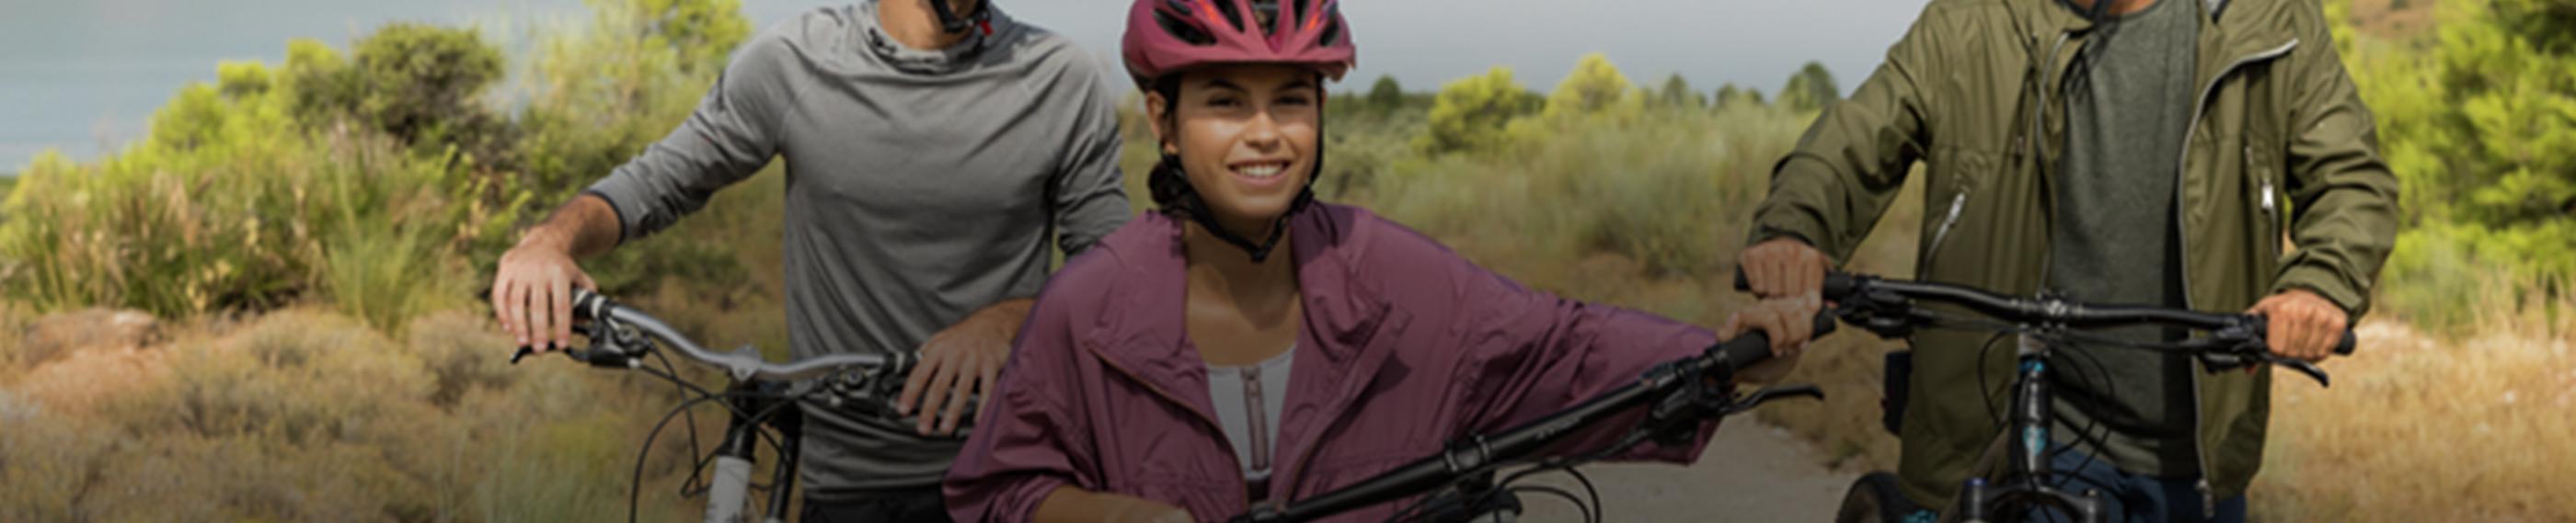 Junge Leute, die das Radfahren auf dem Land genießen.